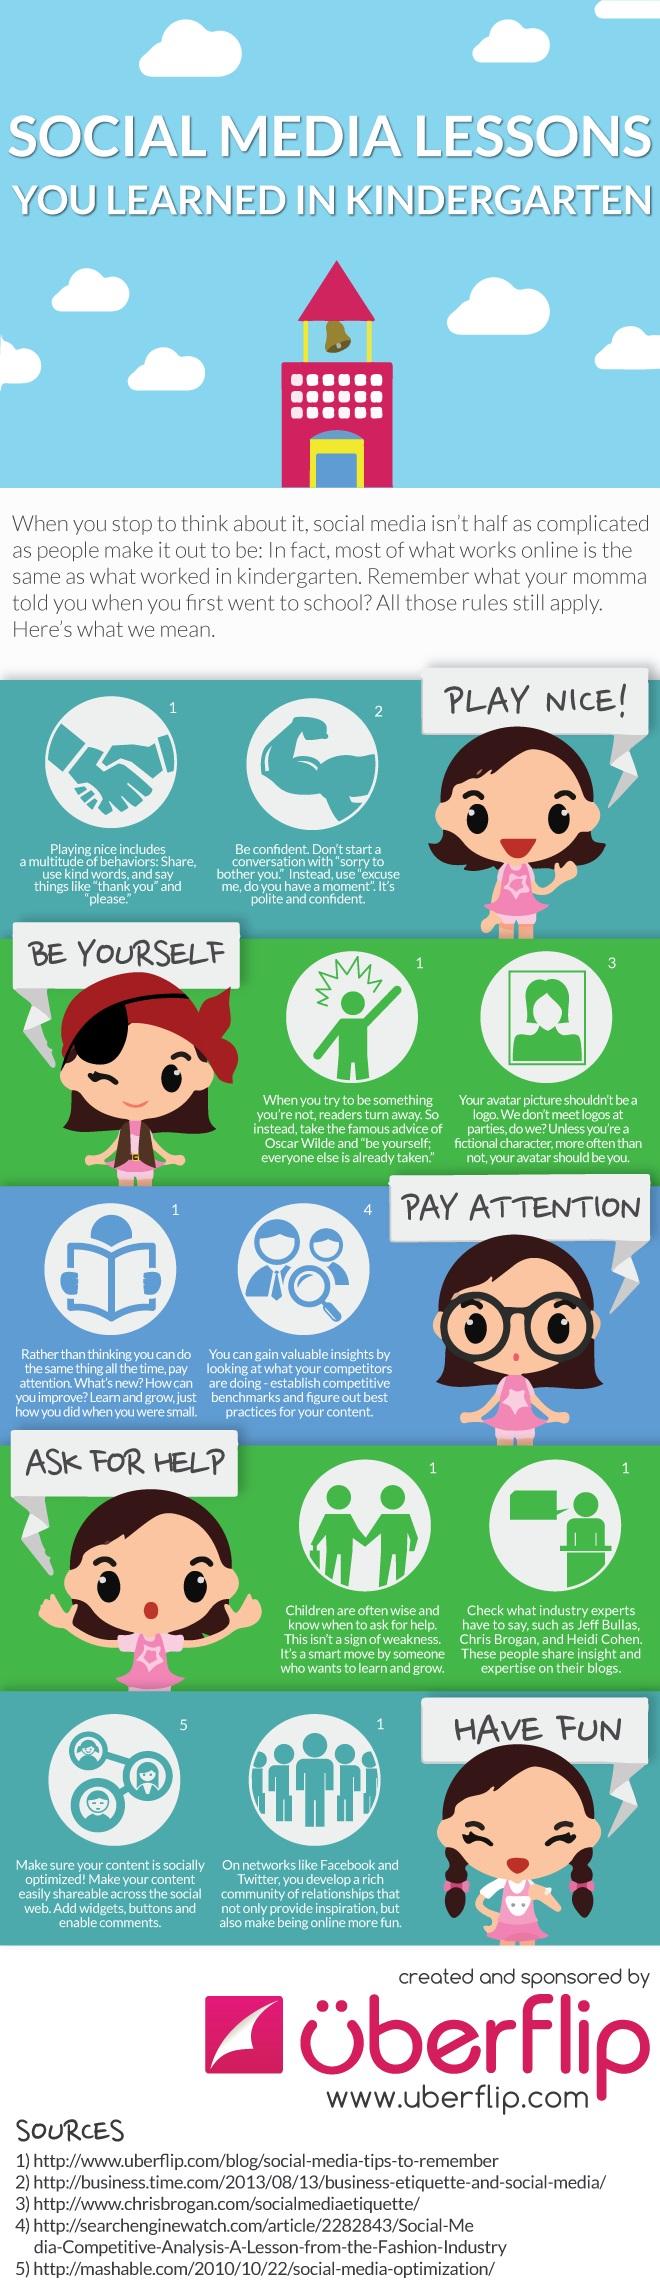 Lecciones de Redes Sociales que puedes aprender en la guardería